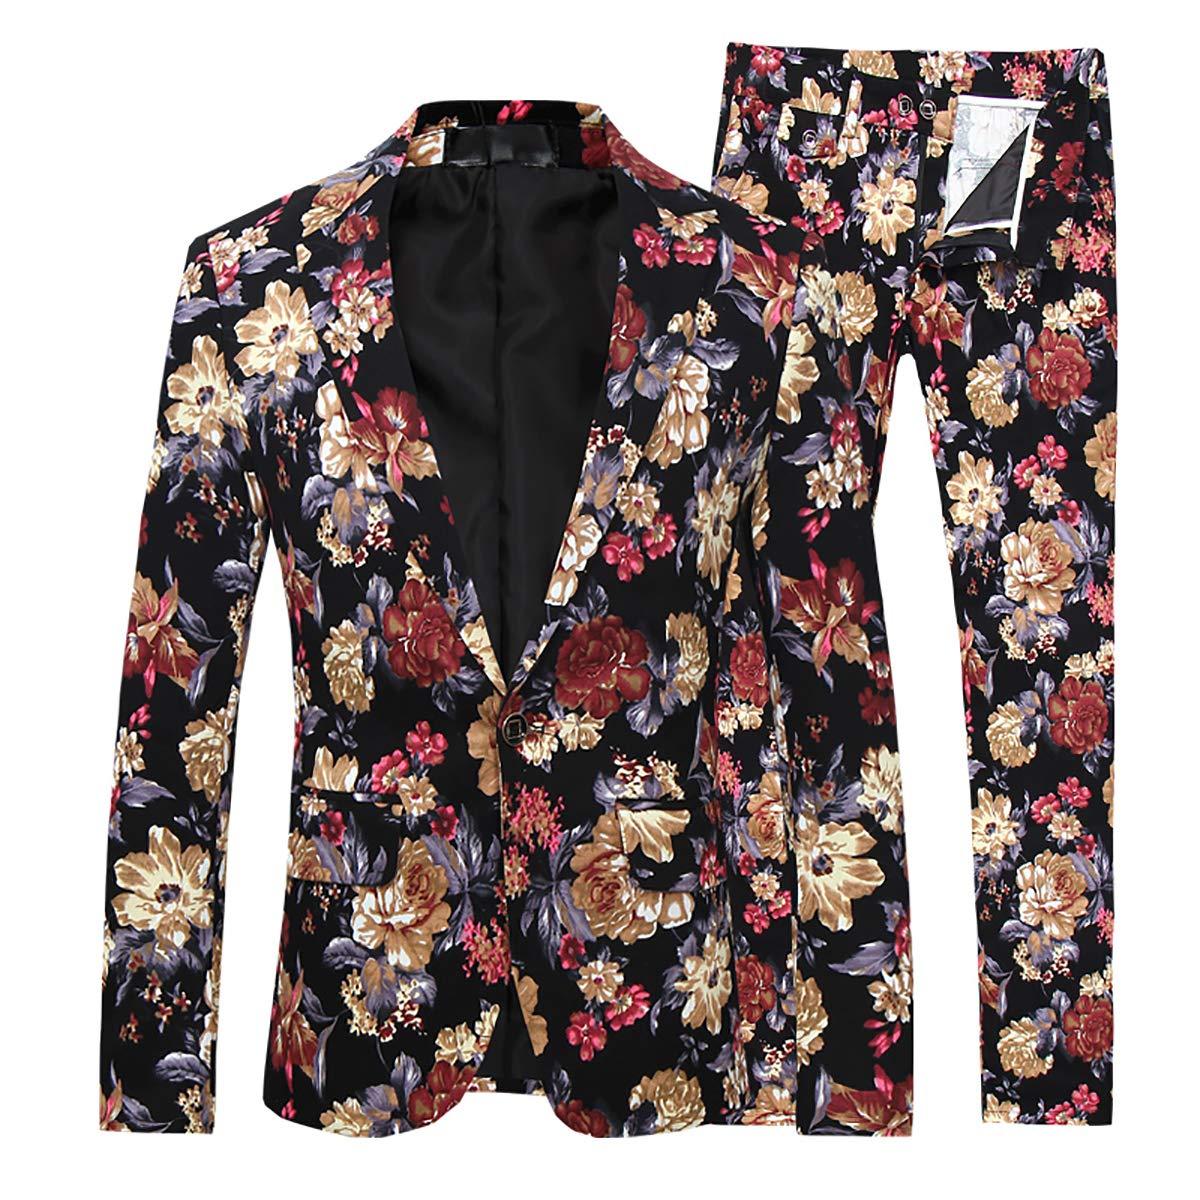 Mens 2 Piece Suit Notched Lapel Sport Coat Floral One Button Slim Fit Tweed Suit, K1, Large by Cloudstyle